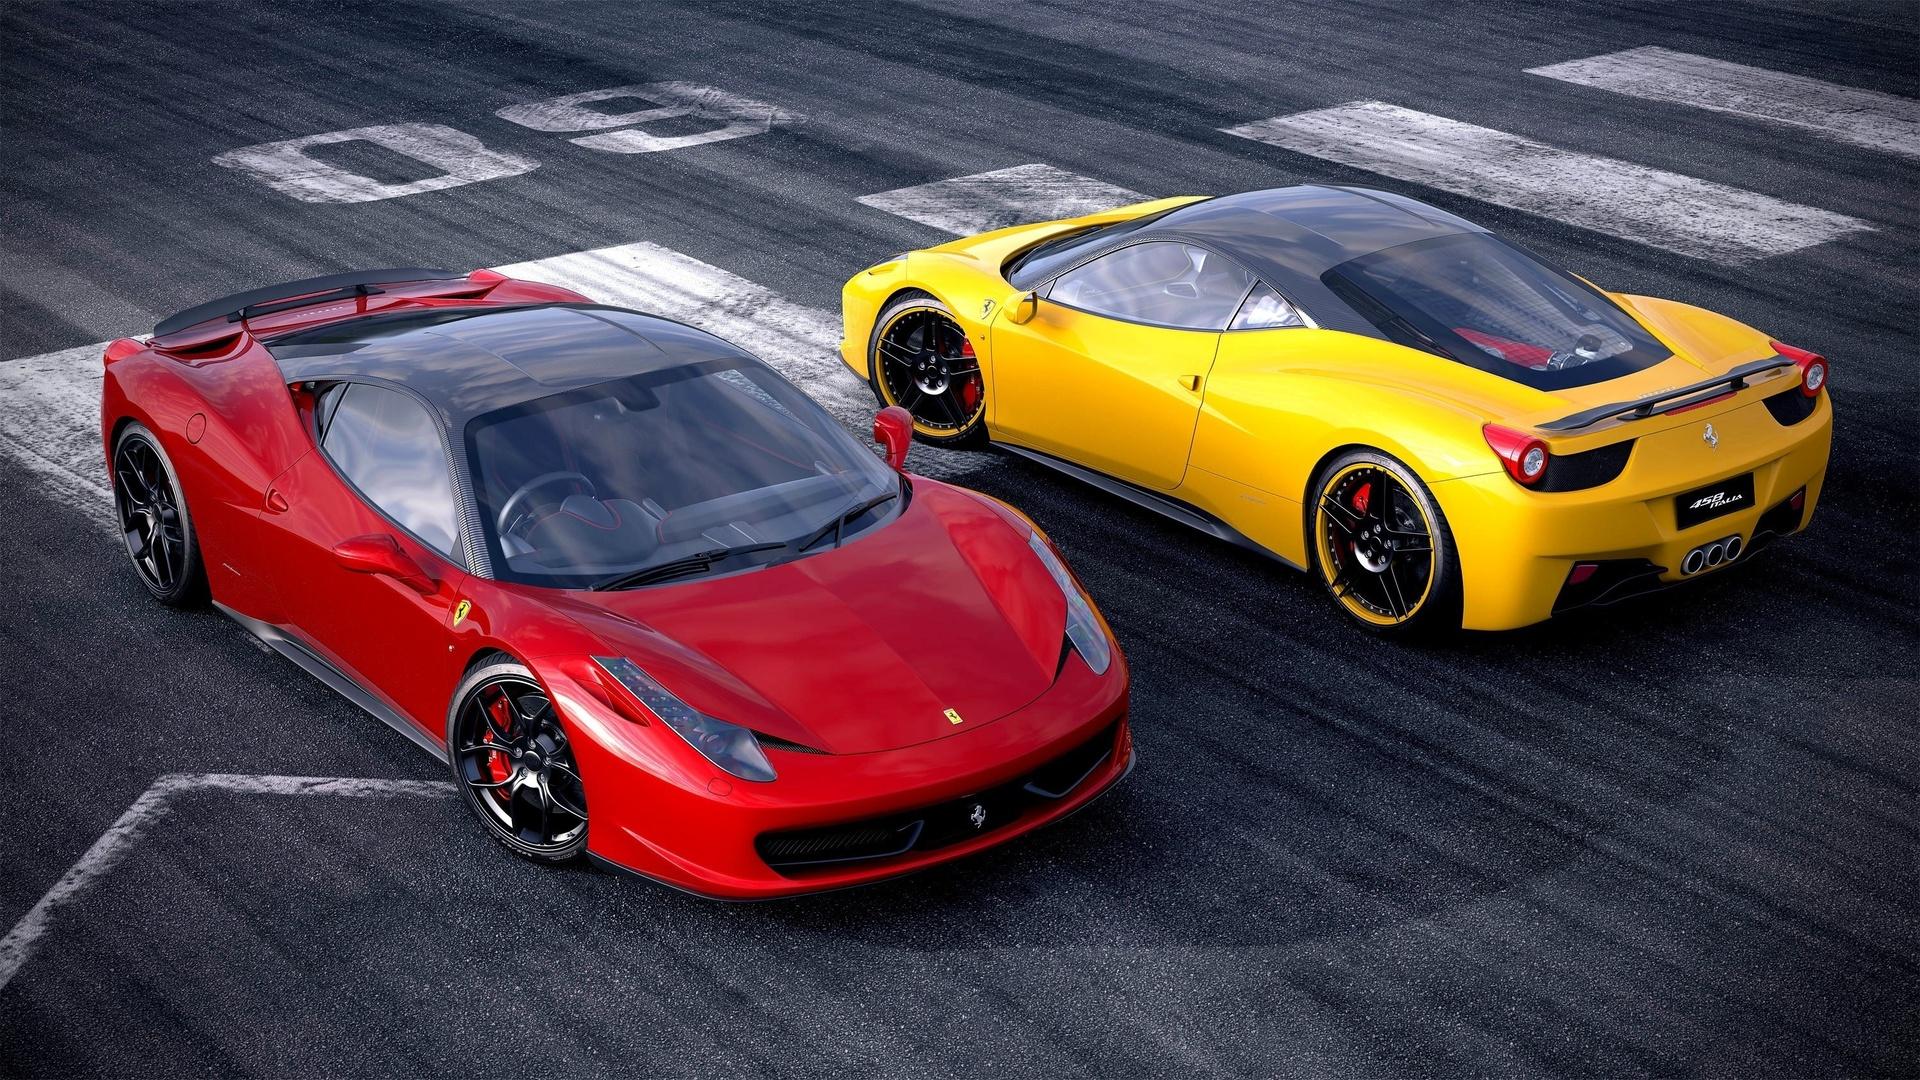 авто, ferrari, 458, суперкары, желтый, задок, красный, передок, дорога, асфальт, вид, красиво